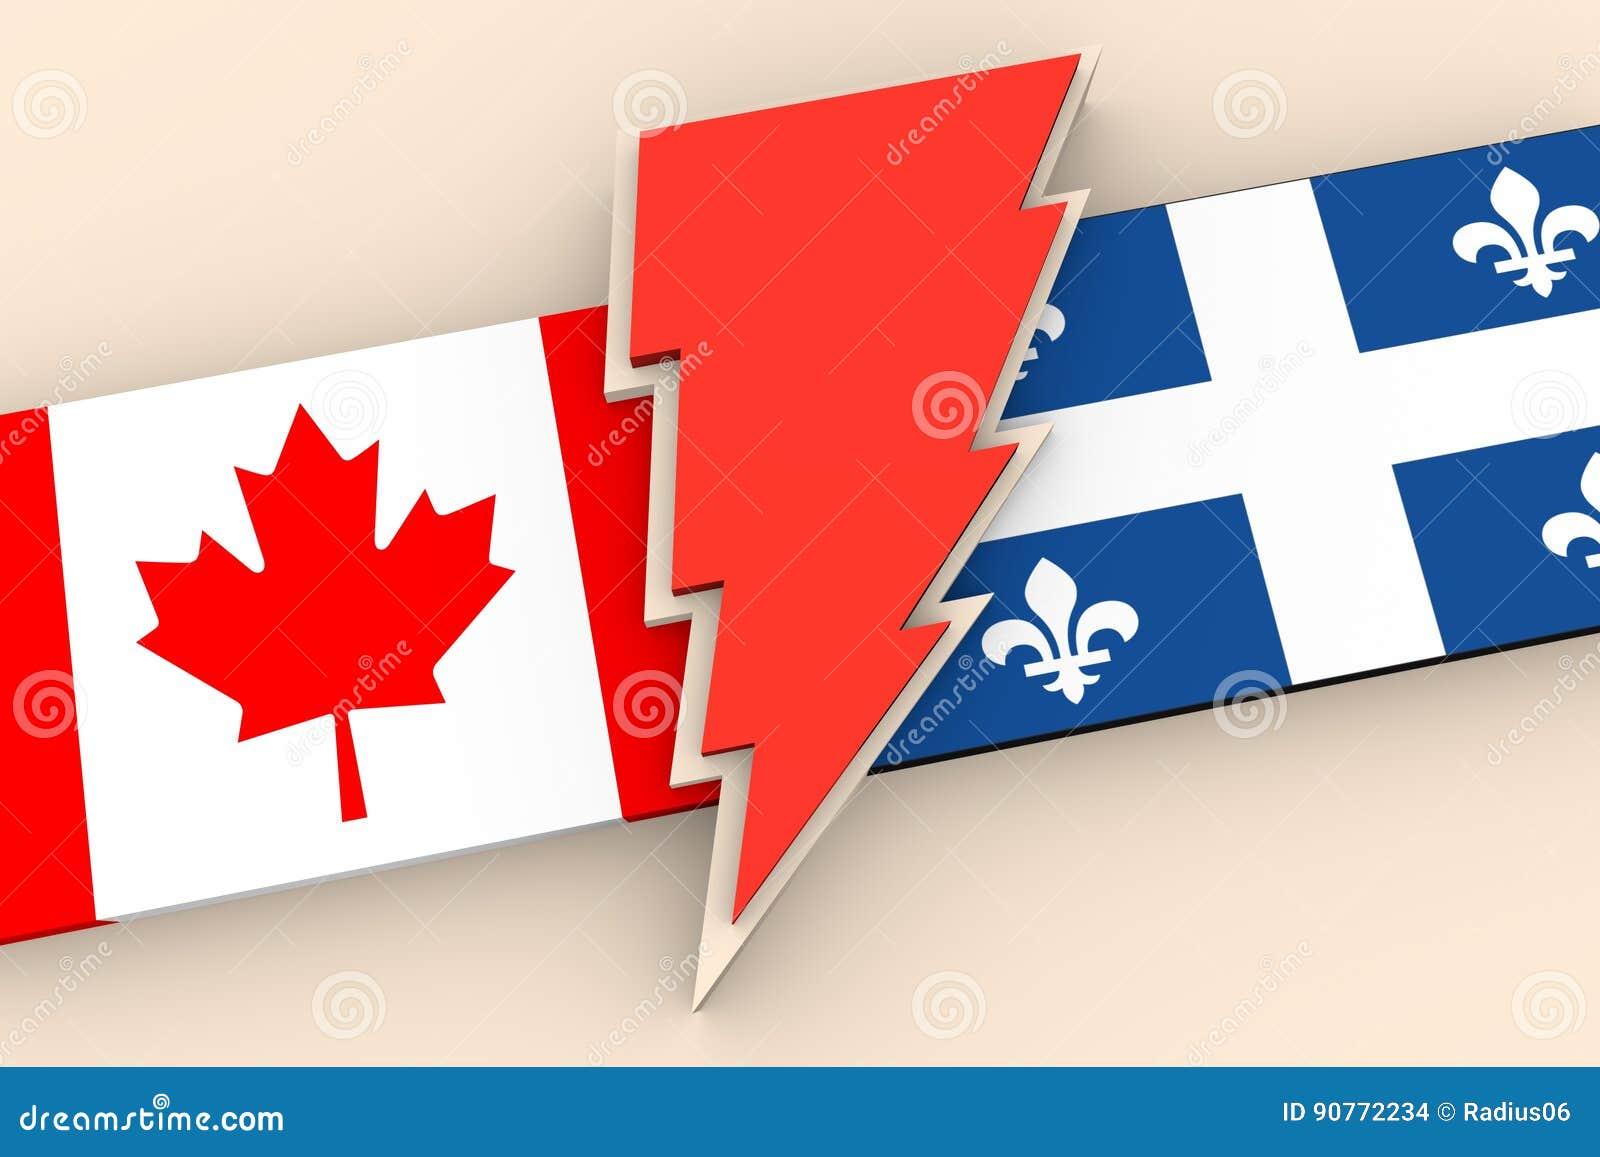 加拿大和魁北克之间的关系